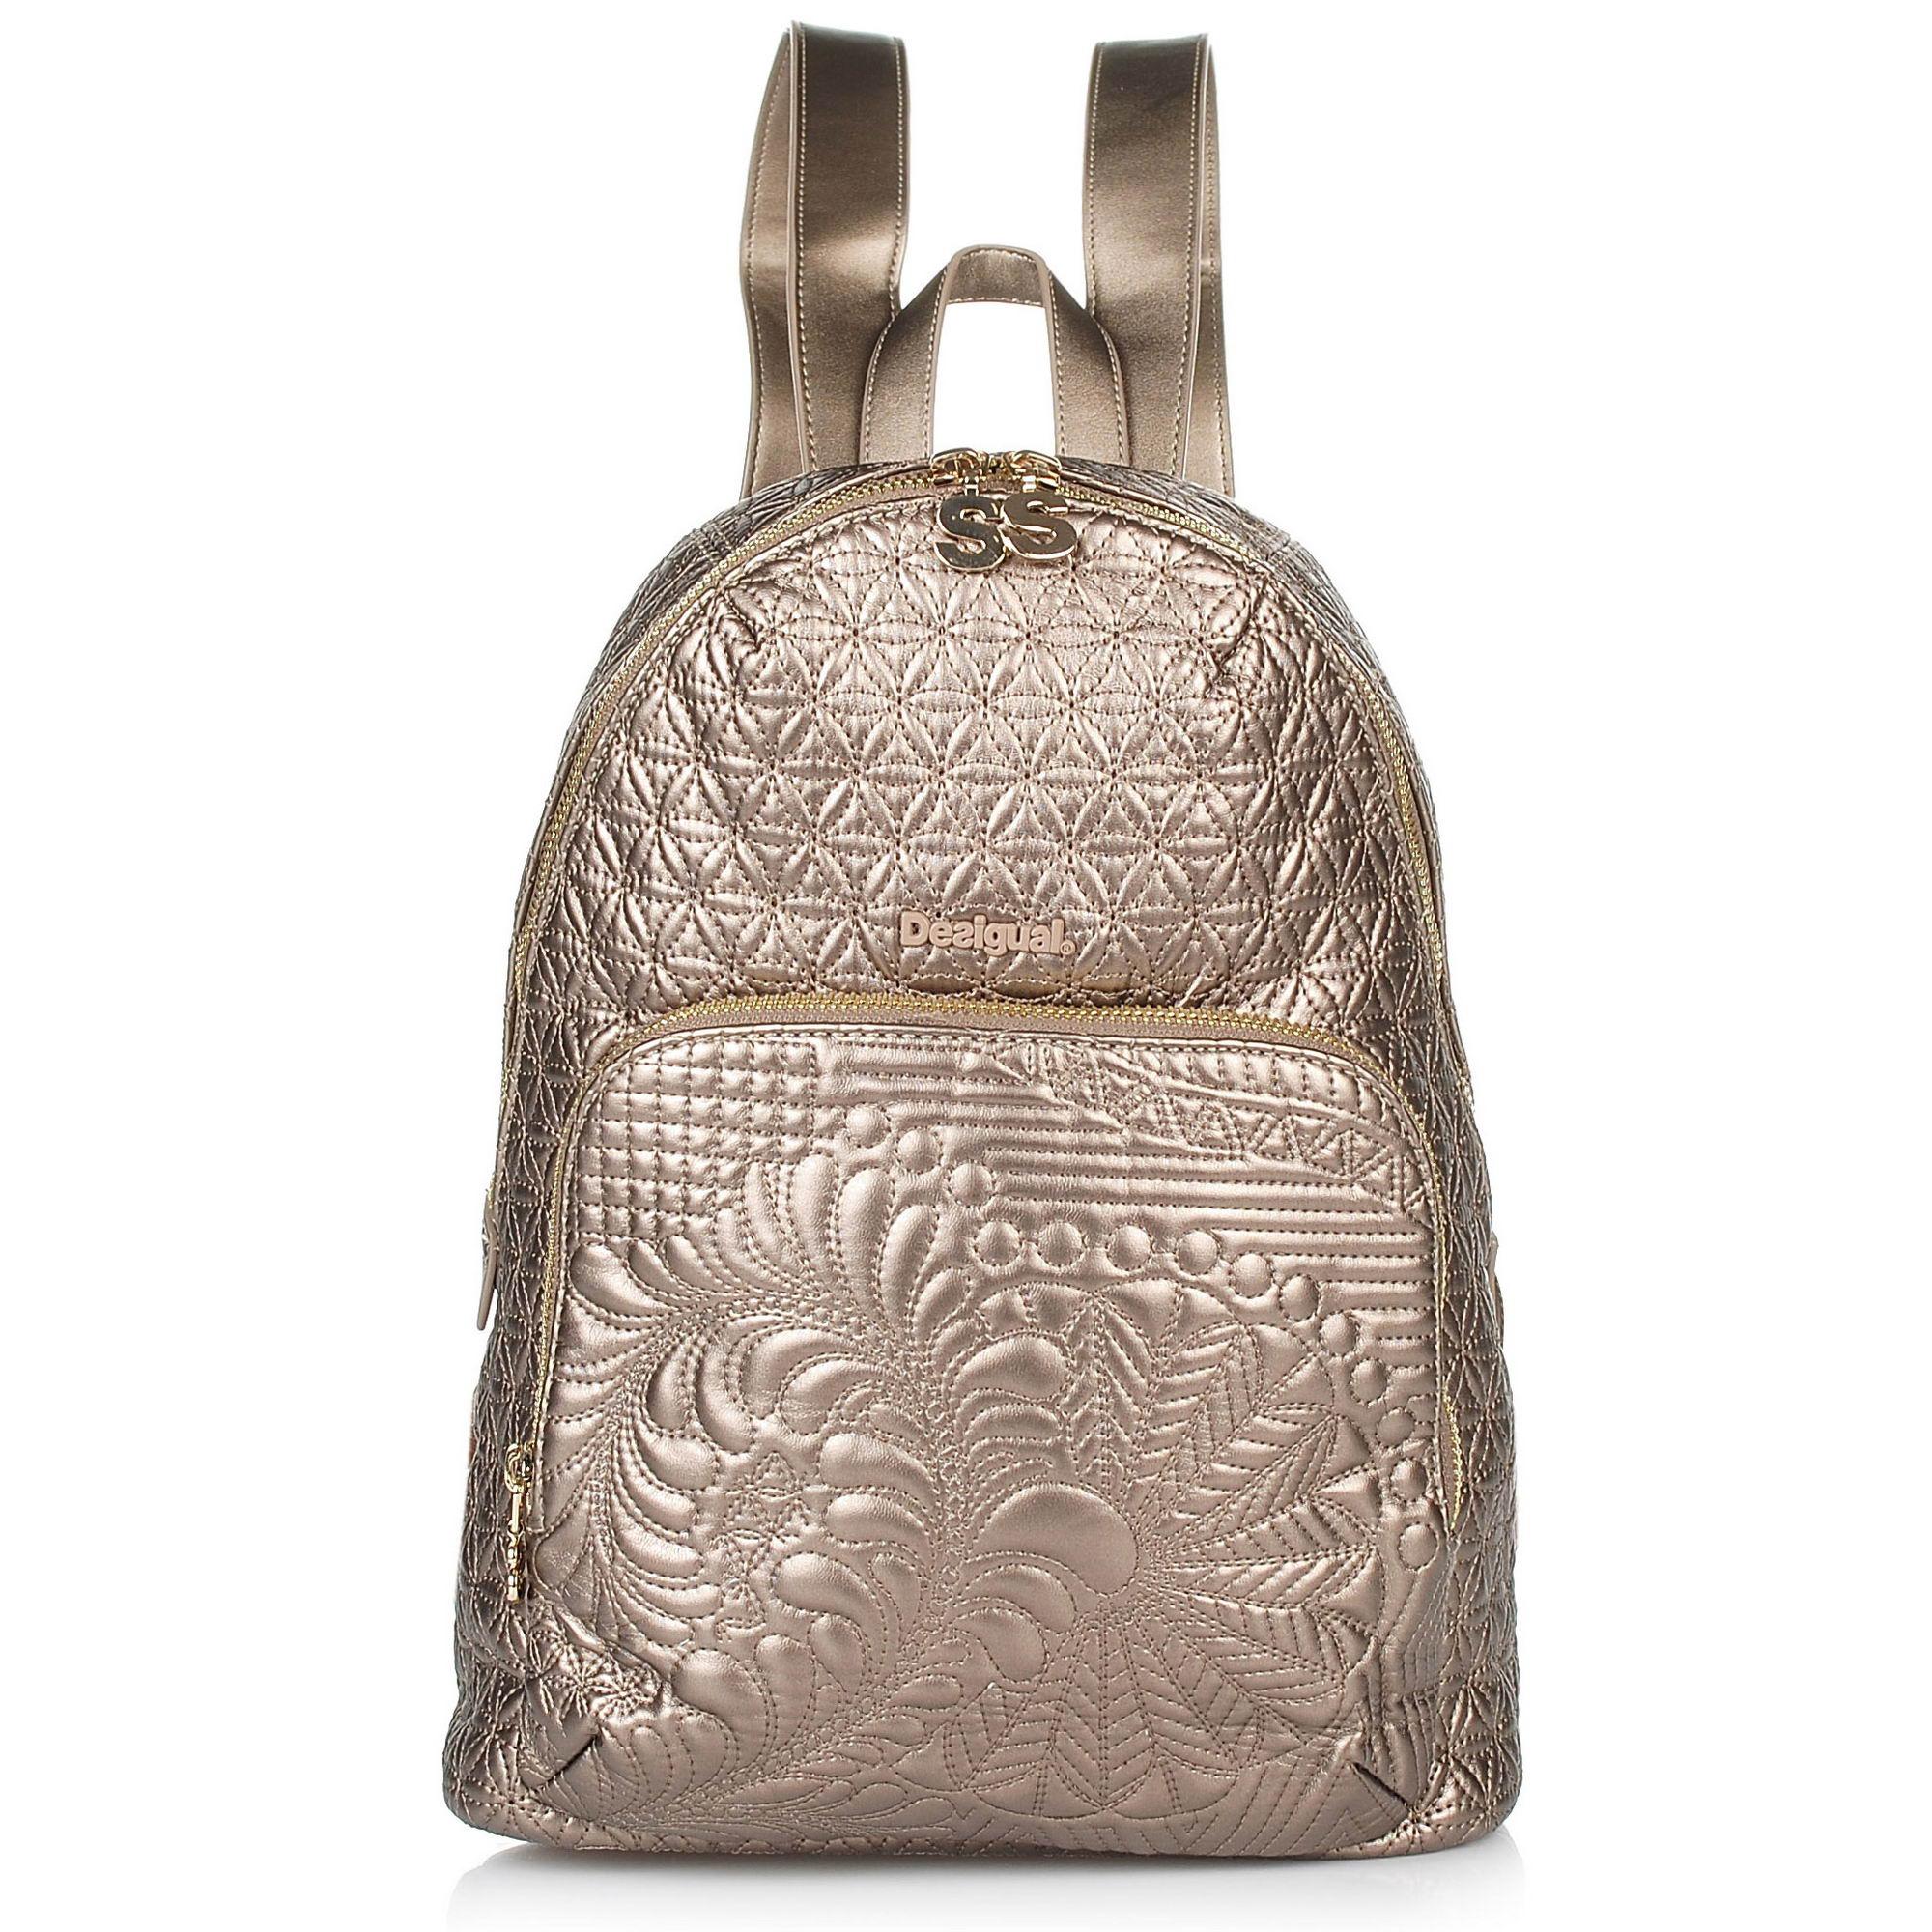 Σακίδιο Πλάτης Desigual Lima Lottie 17WAXPGX γυναικα   γυναικεία τσάντα